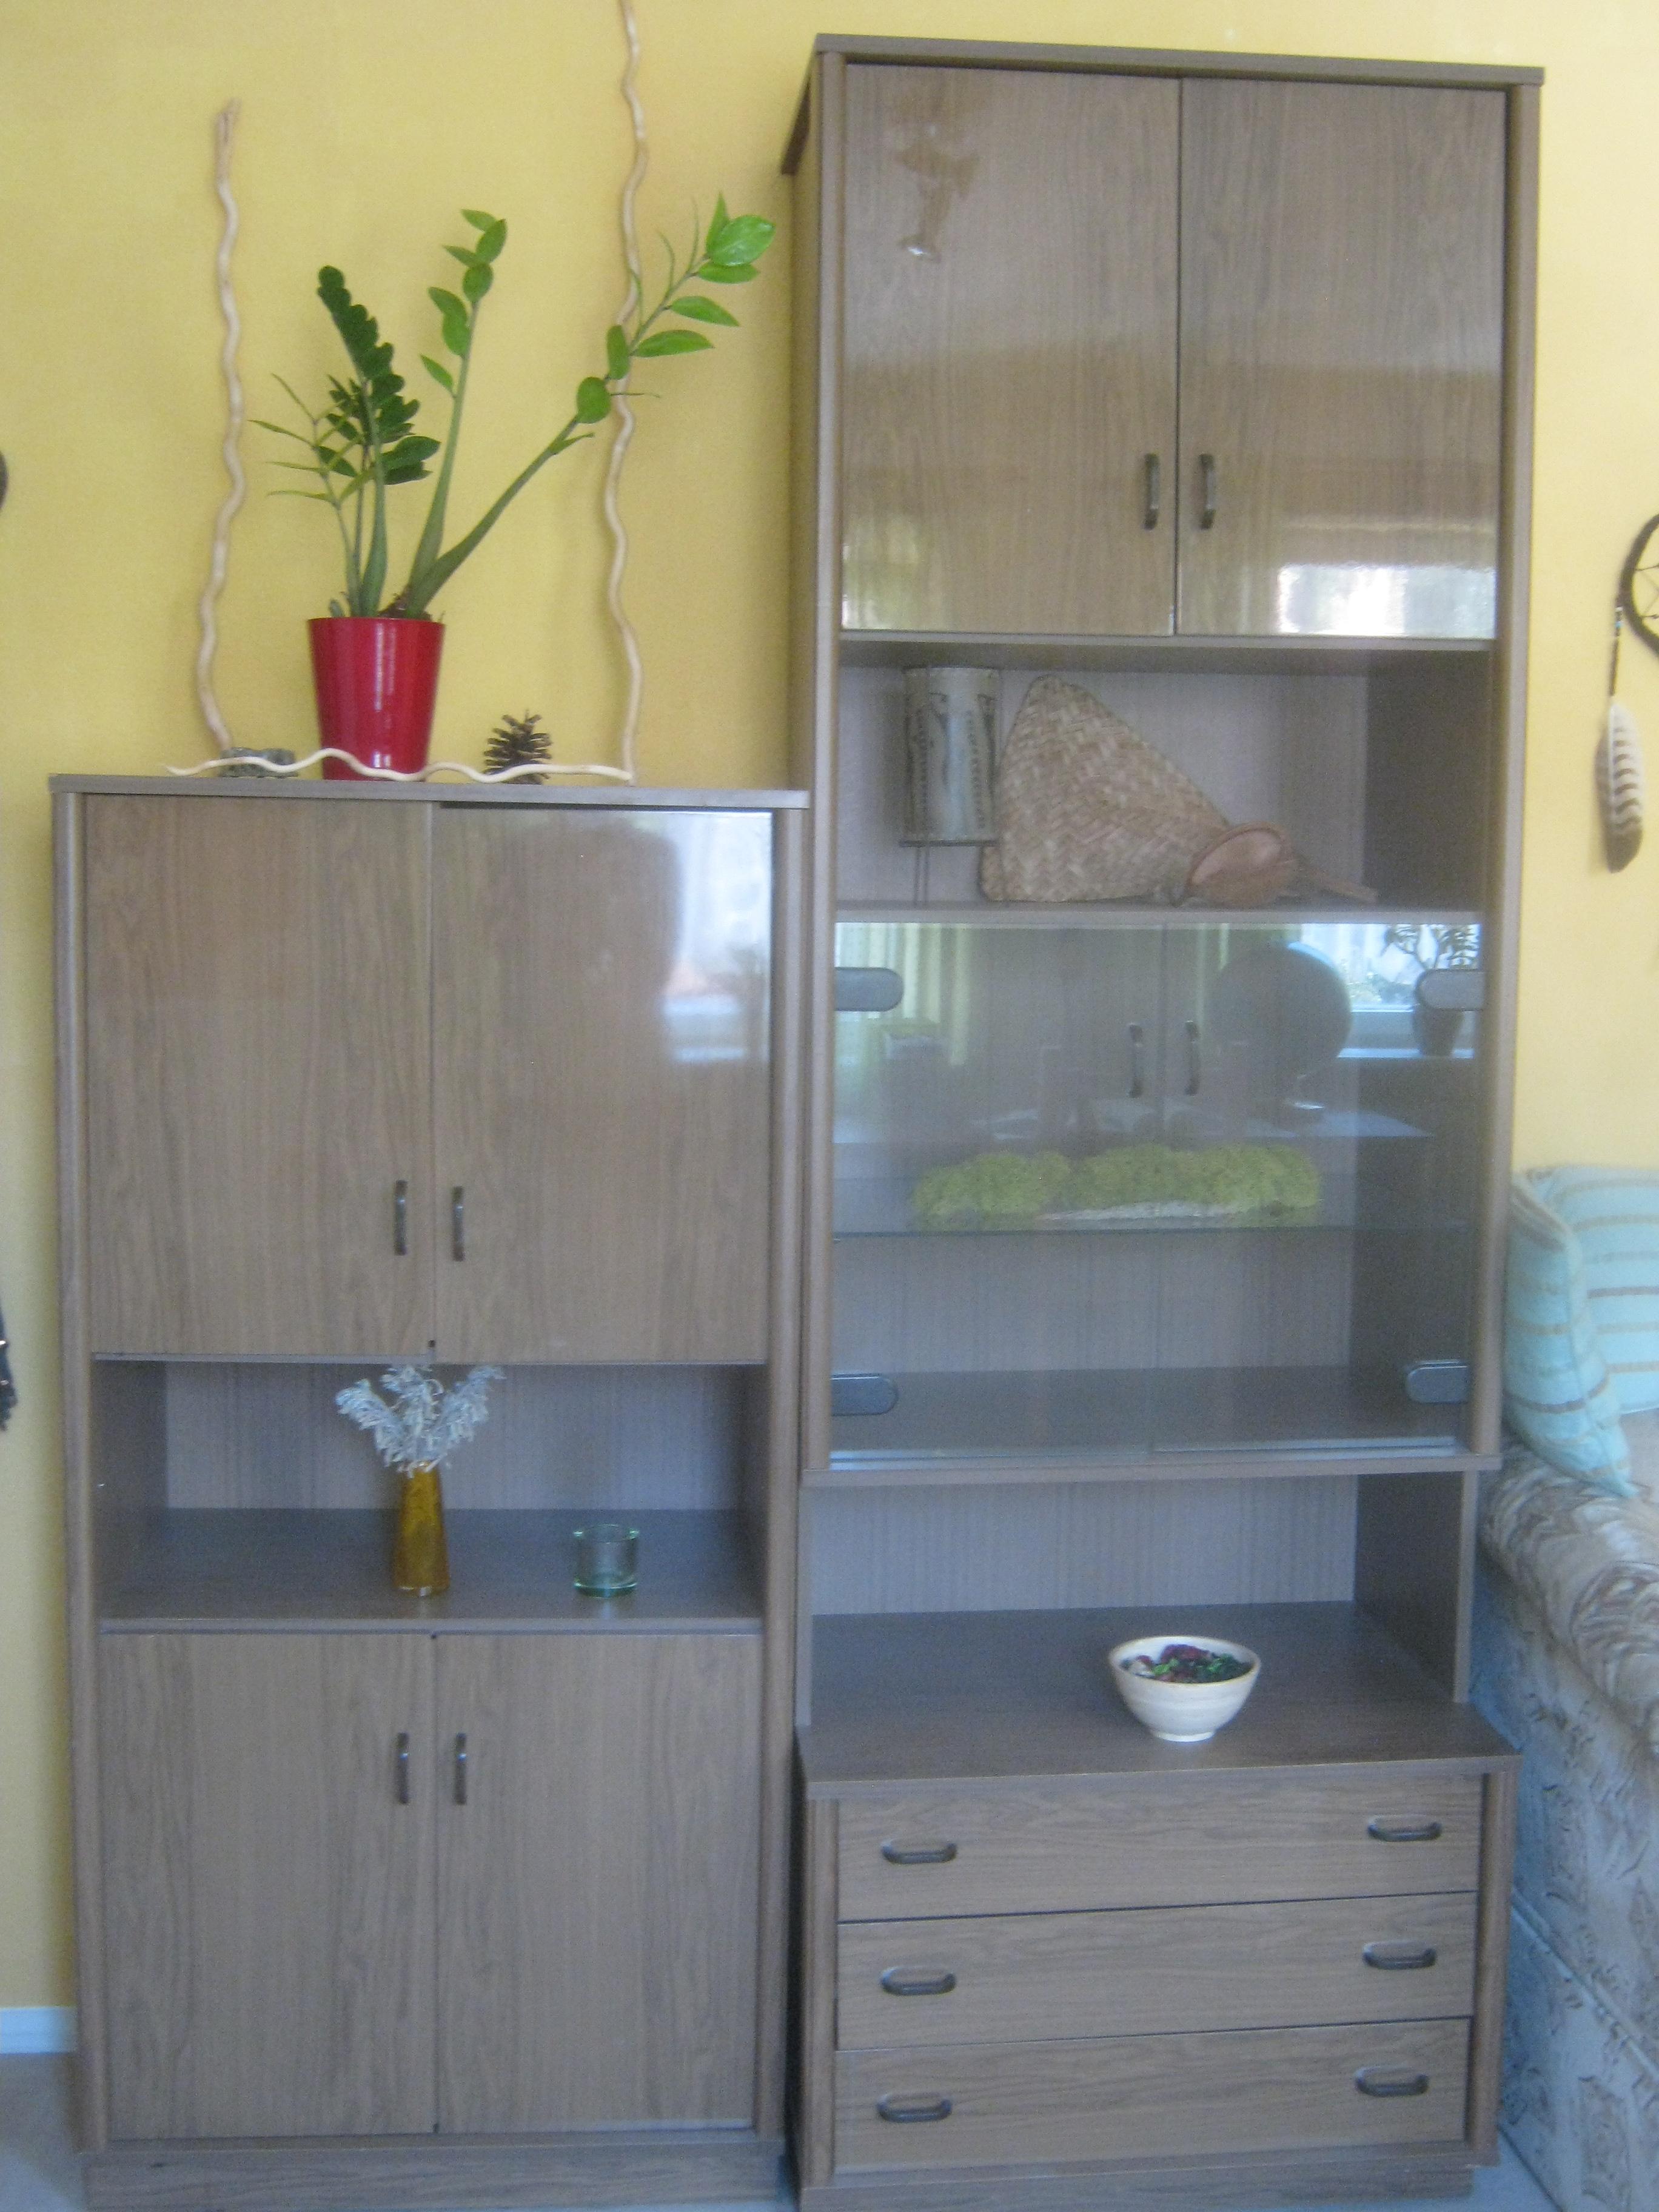 Kostenlose wohnzimmer kleinanzeigen for Wohnzimmertisch verschenken